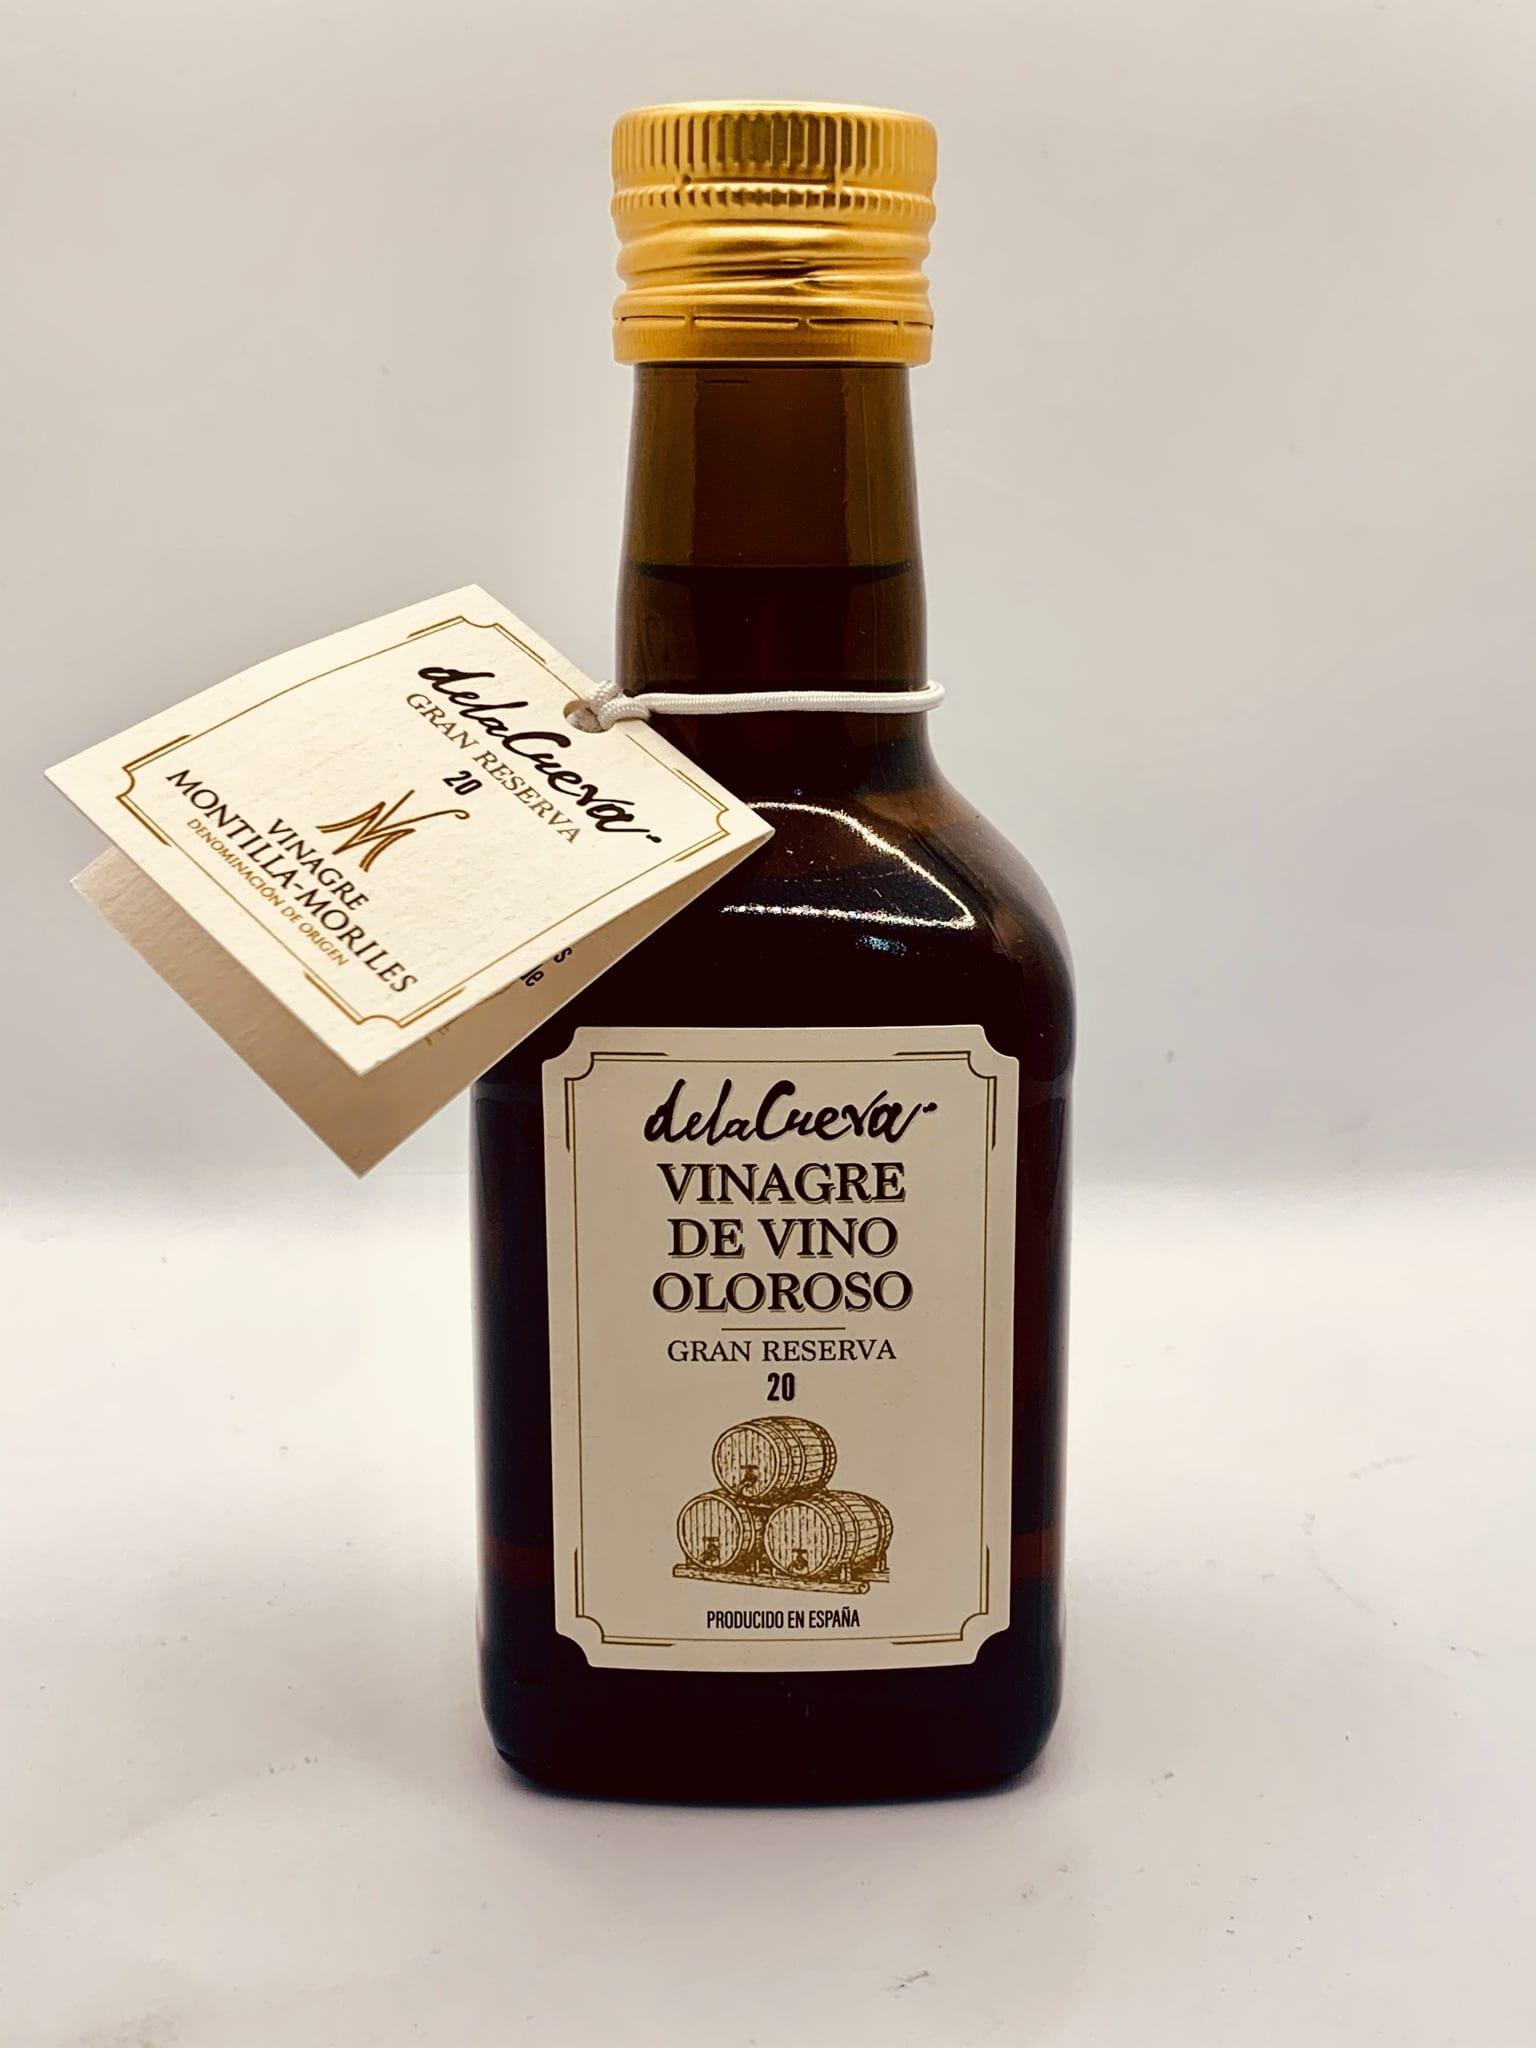 vinagre de vinho perfumado